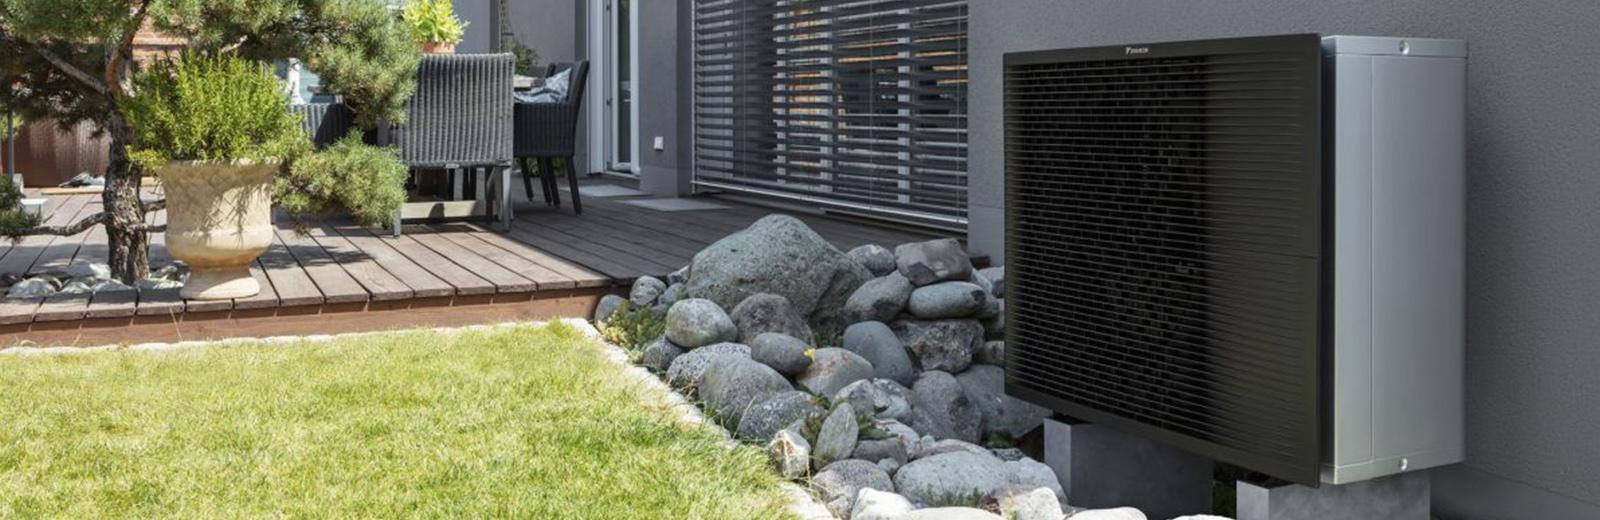 Heat pump outdoors